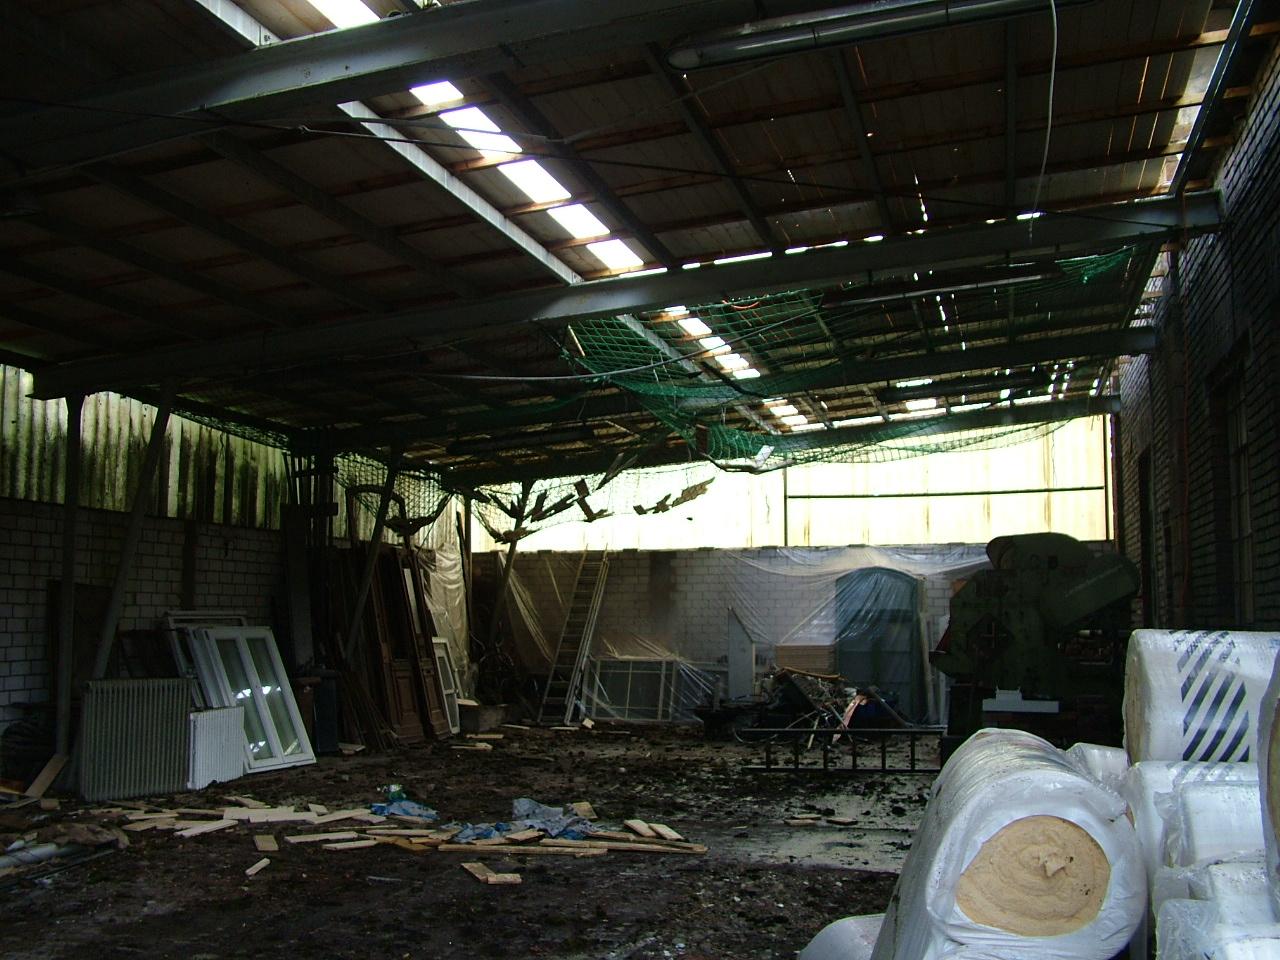 Dach abdecken am großen Saal